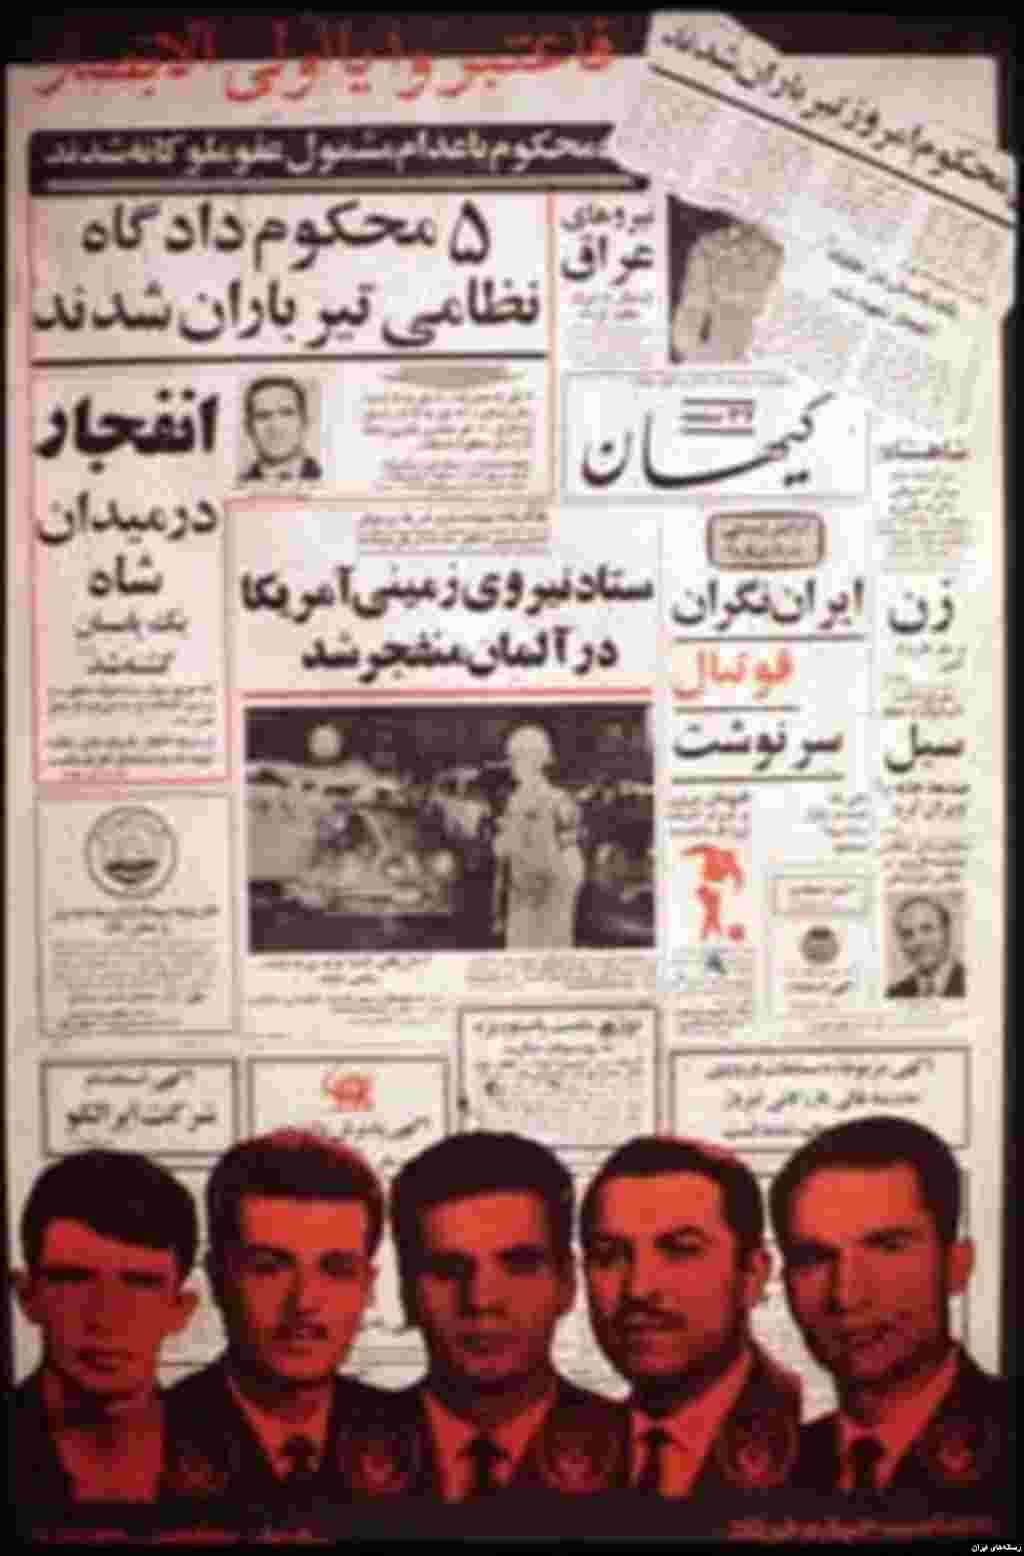 بنیانگذاران سازمان مجاهدین خلق در میانه دهه چهل خورشیدی توسط افرادی چون محمد حنیفنژاد، سعید محسن و علیاصغر بدیعزادگان بودند که بدلیل مبارزه مسلحانه علیه حکومت محمد رضا شاه، اعدام شدند.